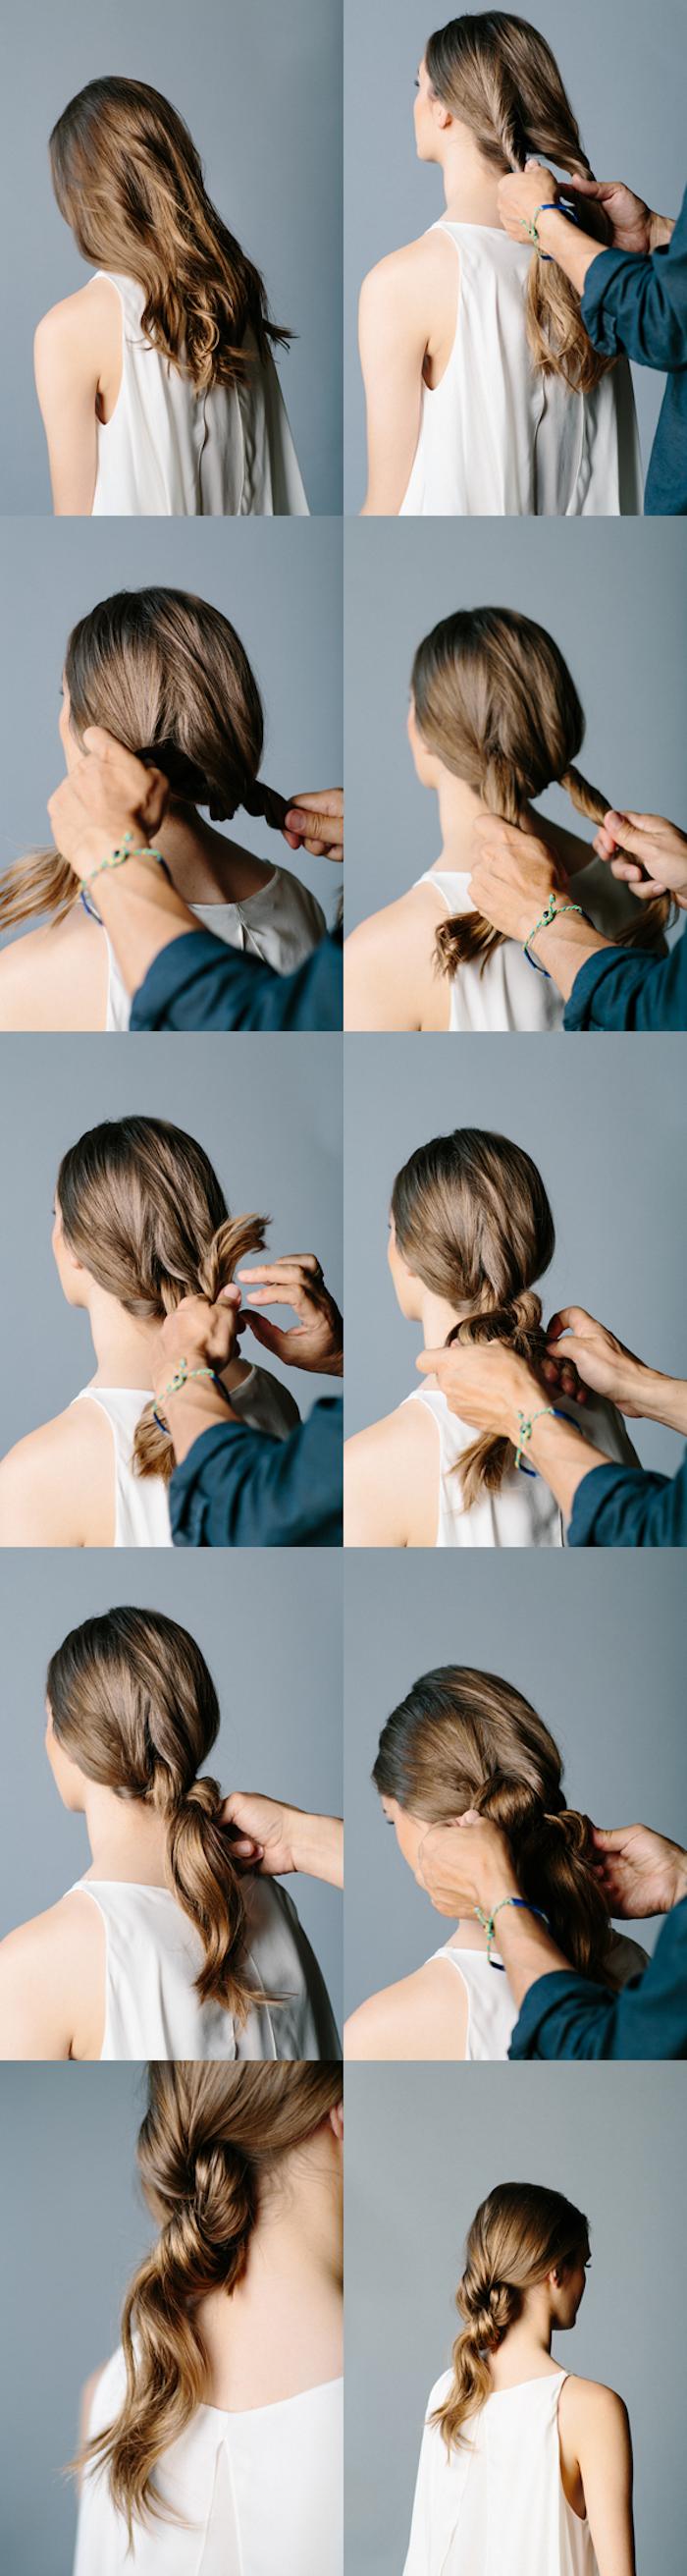 frau mit weiter weißer bluse, einfache frisuren für den alltag, frisuren zum selbermachen